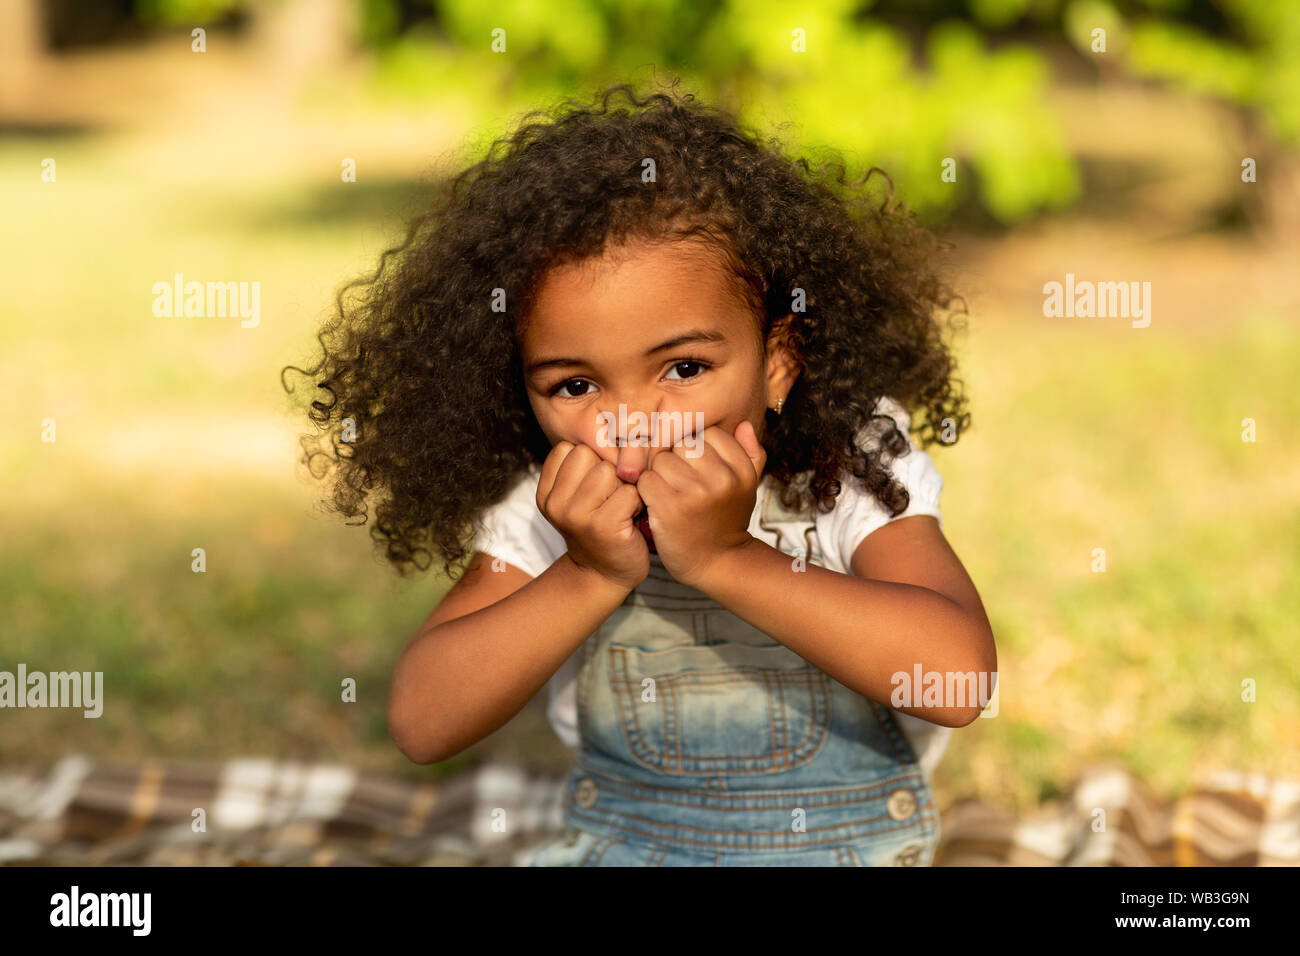 Kleines Mädchen Grimassen und berührt, Wangen in der Natur Park Stockfoto